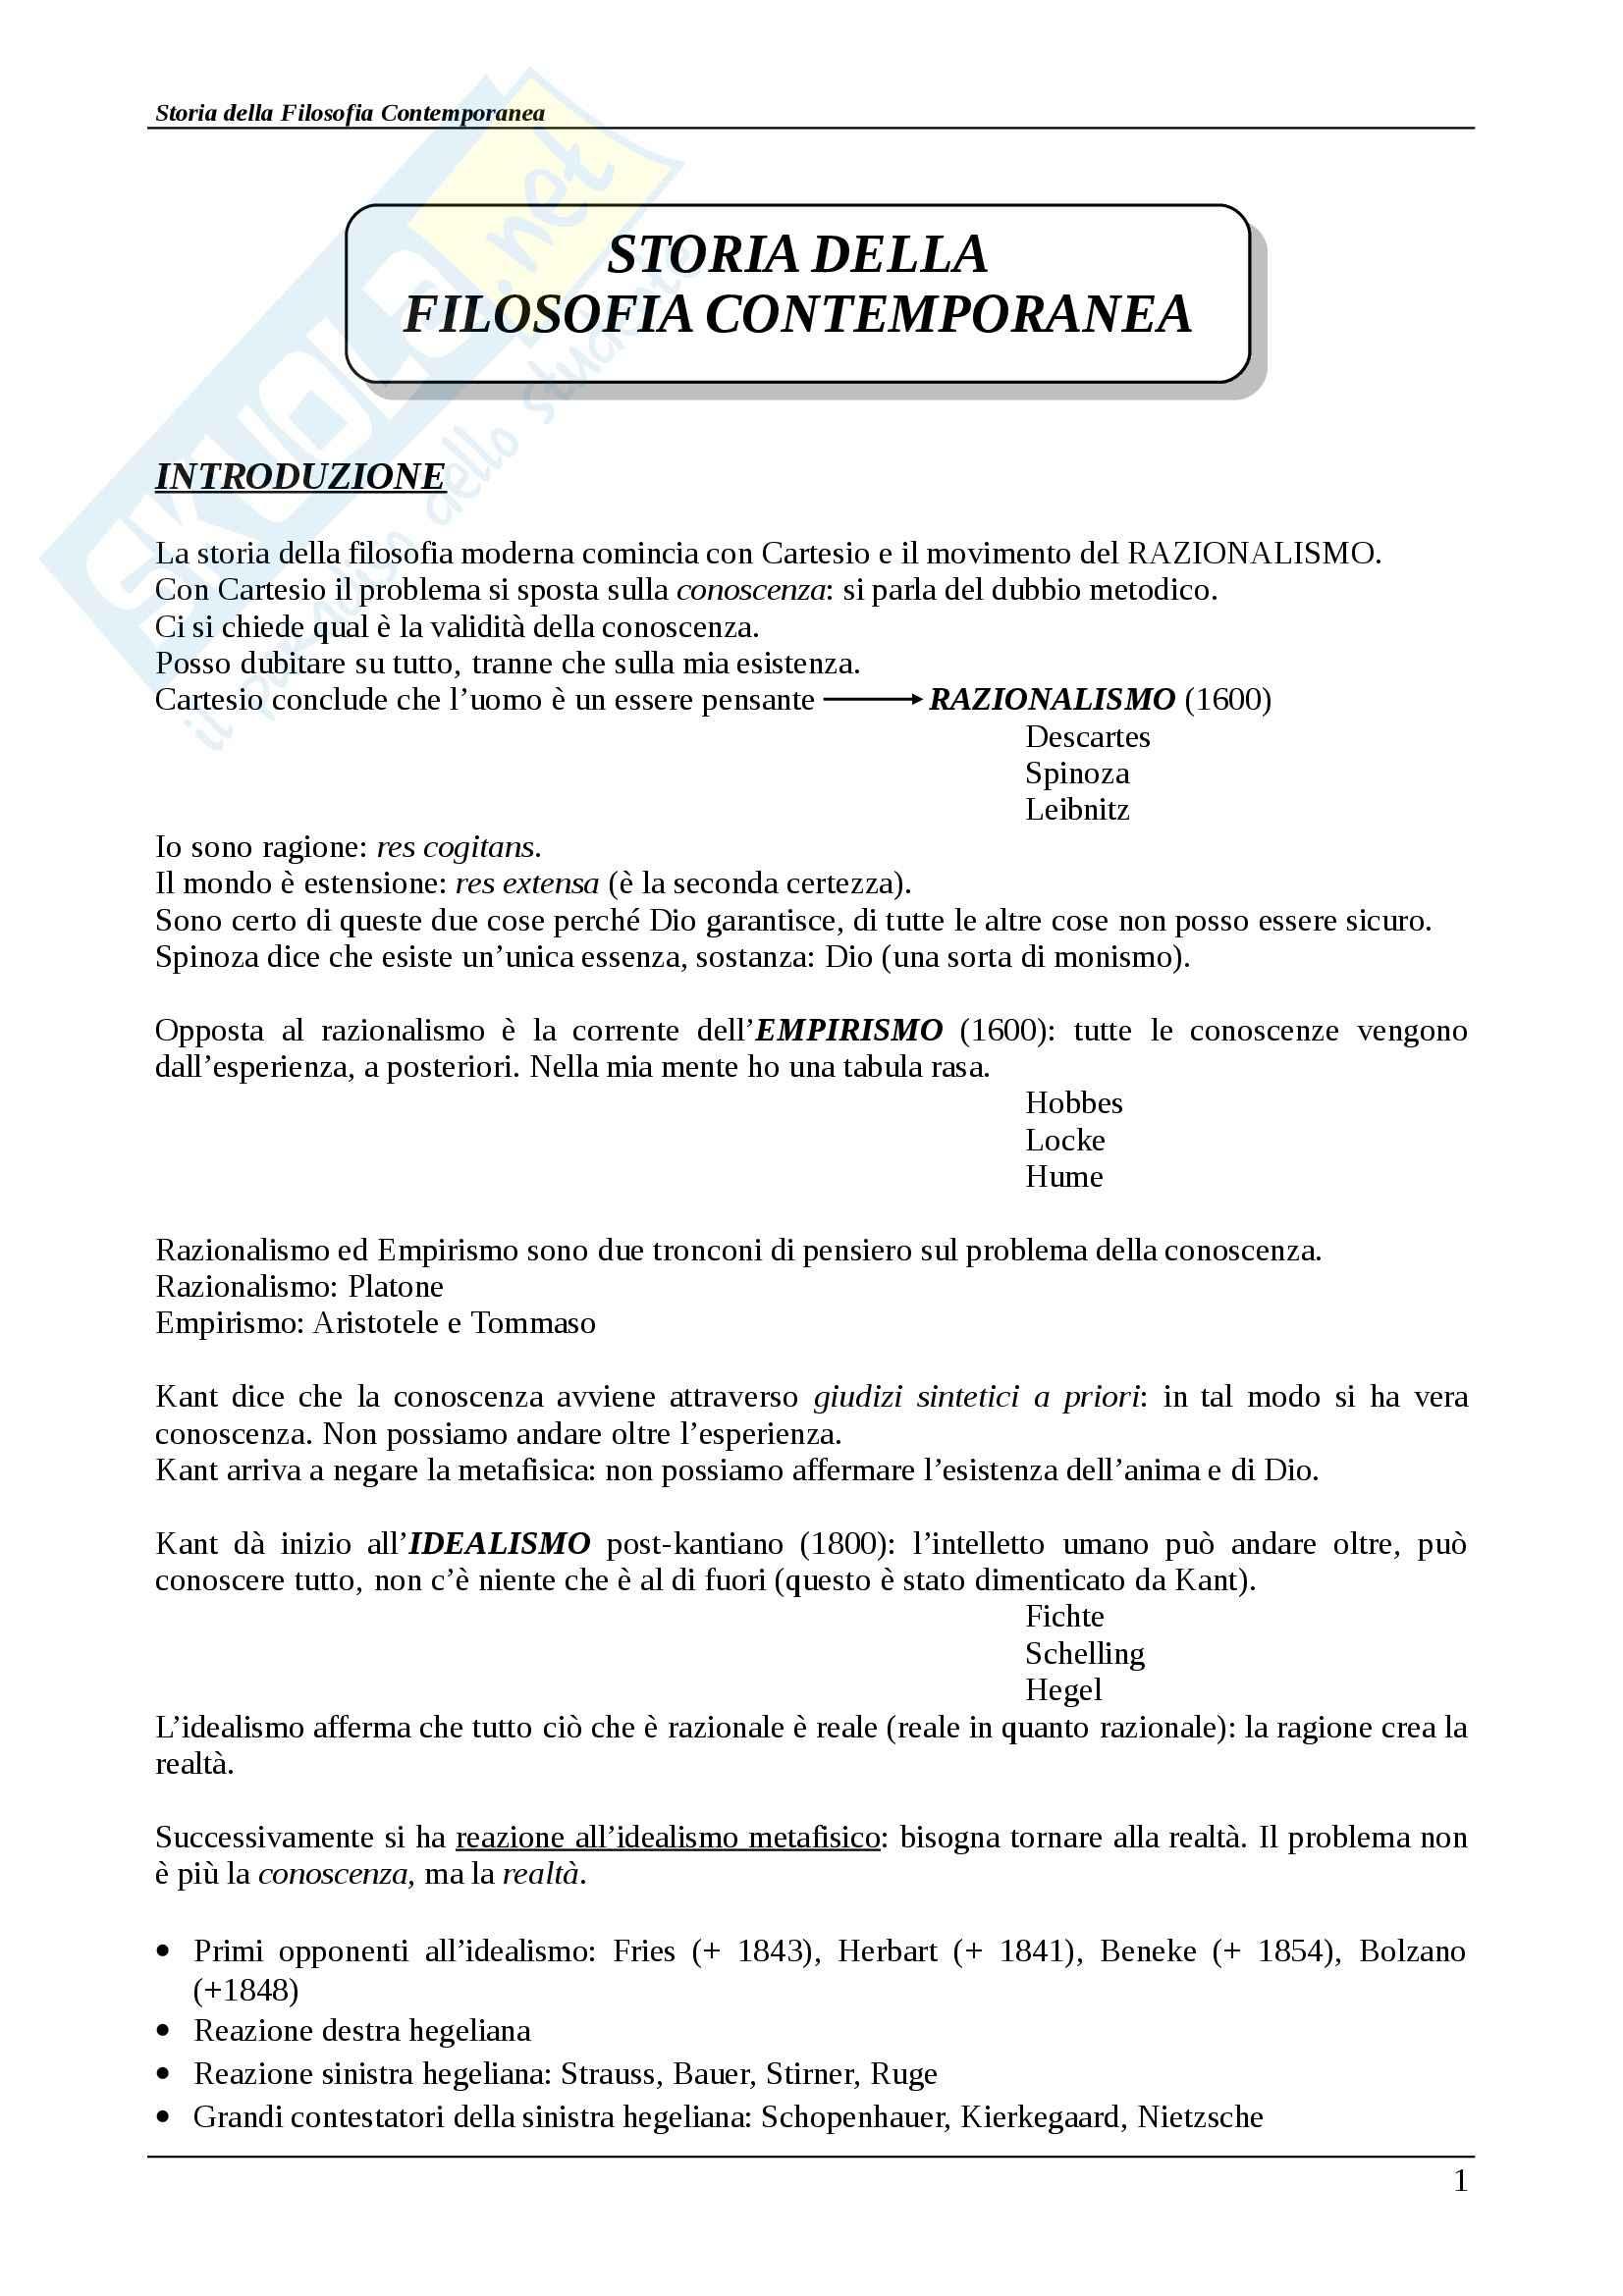 Riassunto esame Storia della filosofia contemporanea, Storia della filosofia contemporanea, Abbagnano/Fornero, prof. Scaria